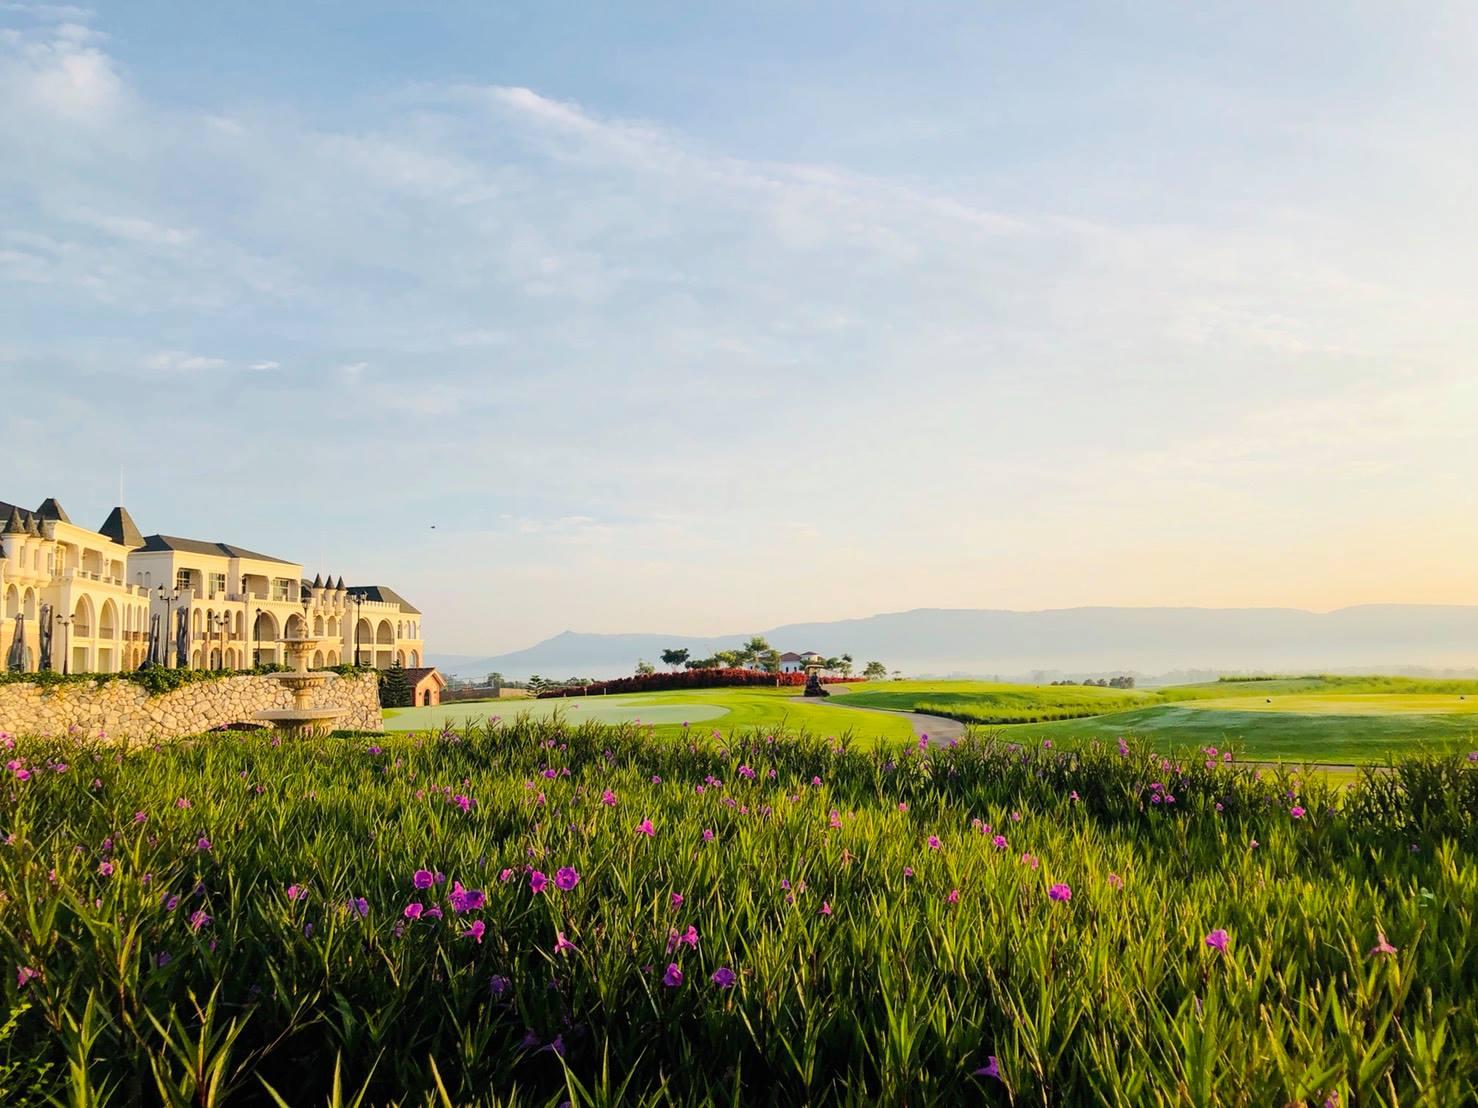 My Ozone Golf Club Khao Yai